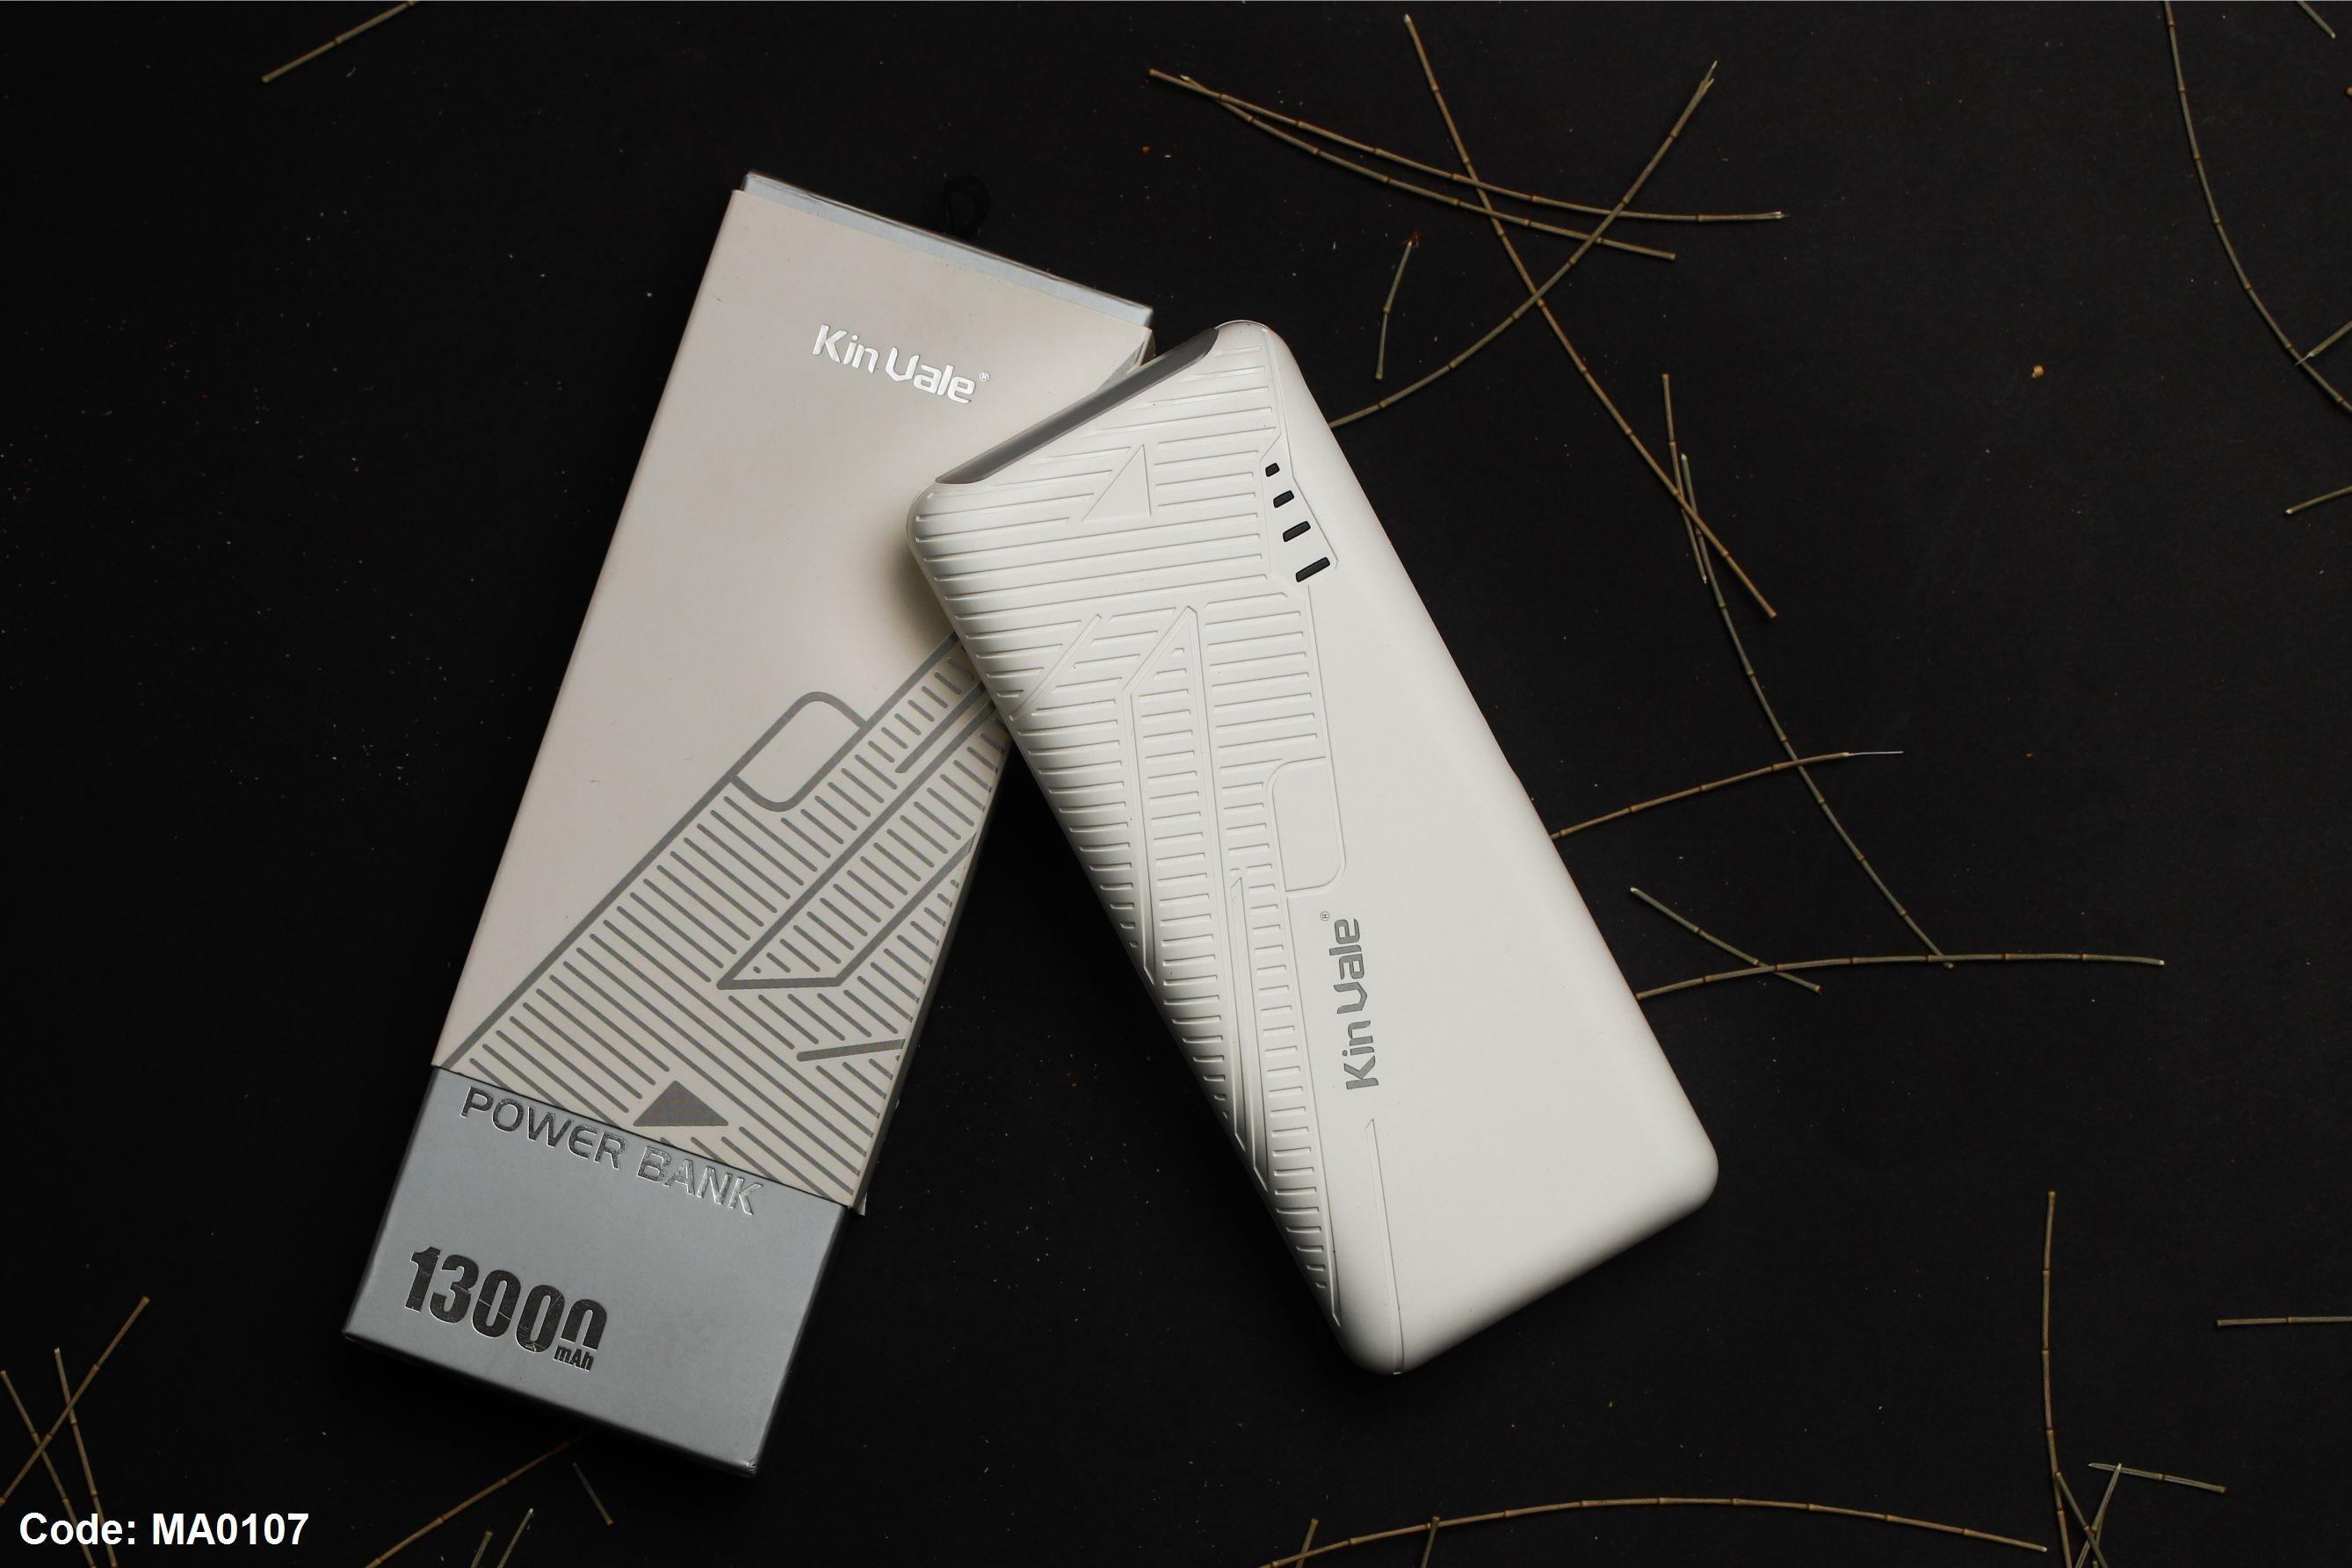 Power Bank Kinvale B17 13000 Mah بسعر 255ج بدل من 430ج Phone Accessories Fitbit Flex Accessories